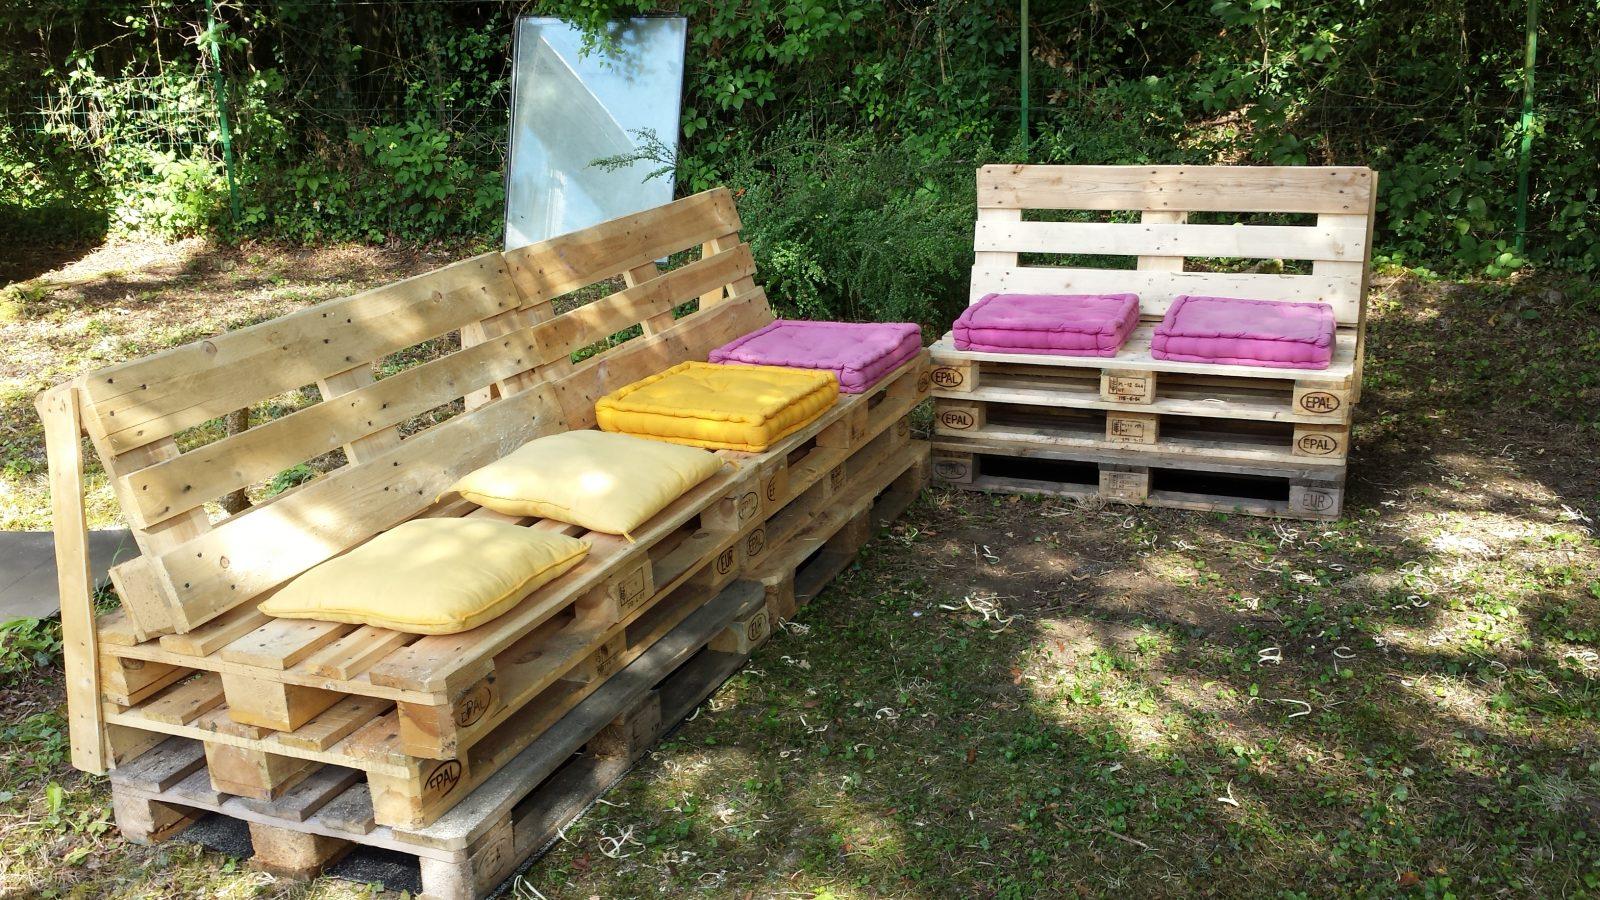 Comment fabriquer salon de jardin avec des palettes - Abri de jardin ...